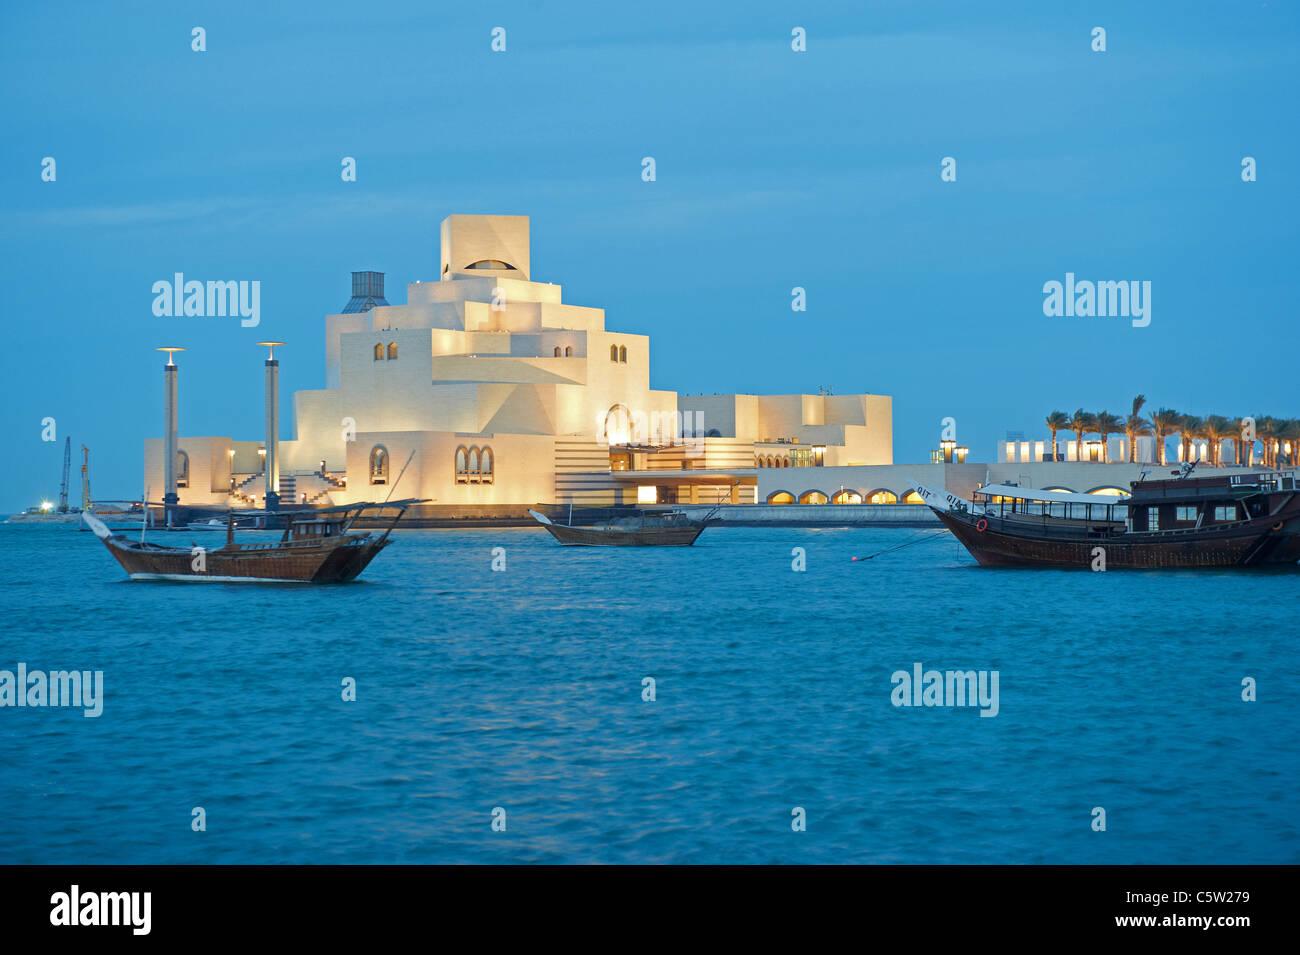 Musée islamique crépuscule Doha Qatar Photo Stock